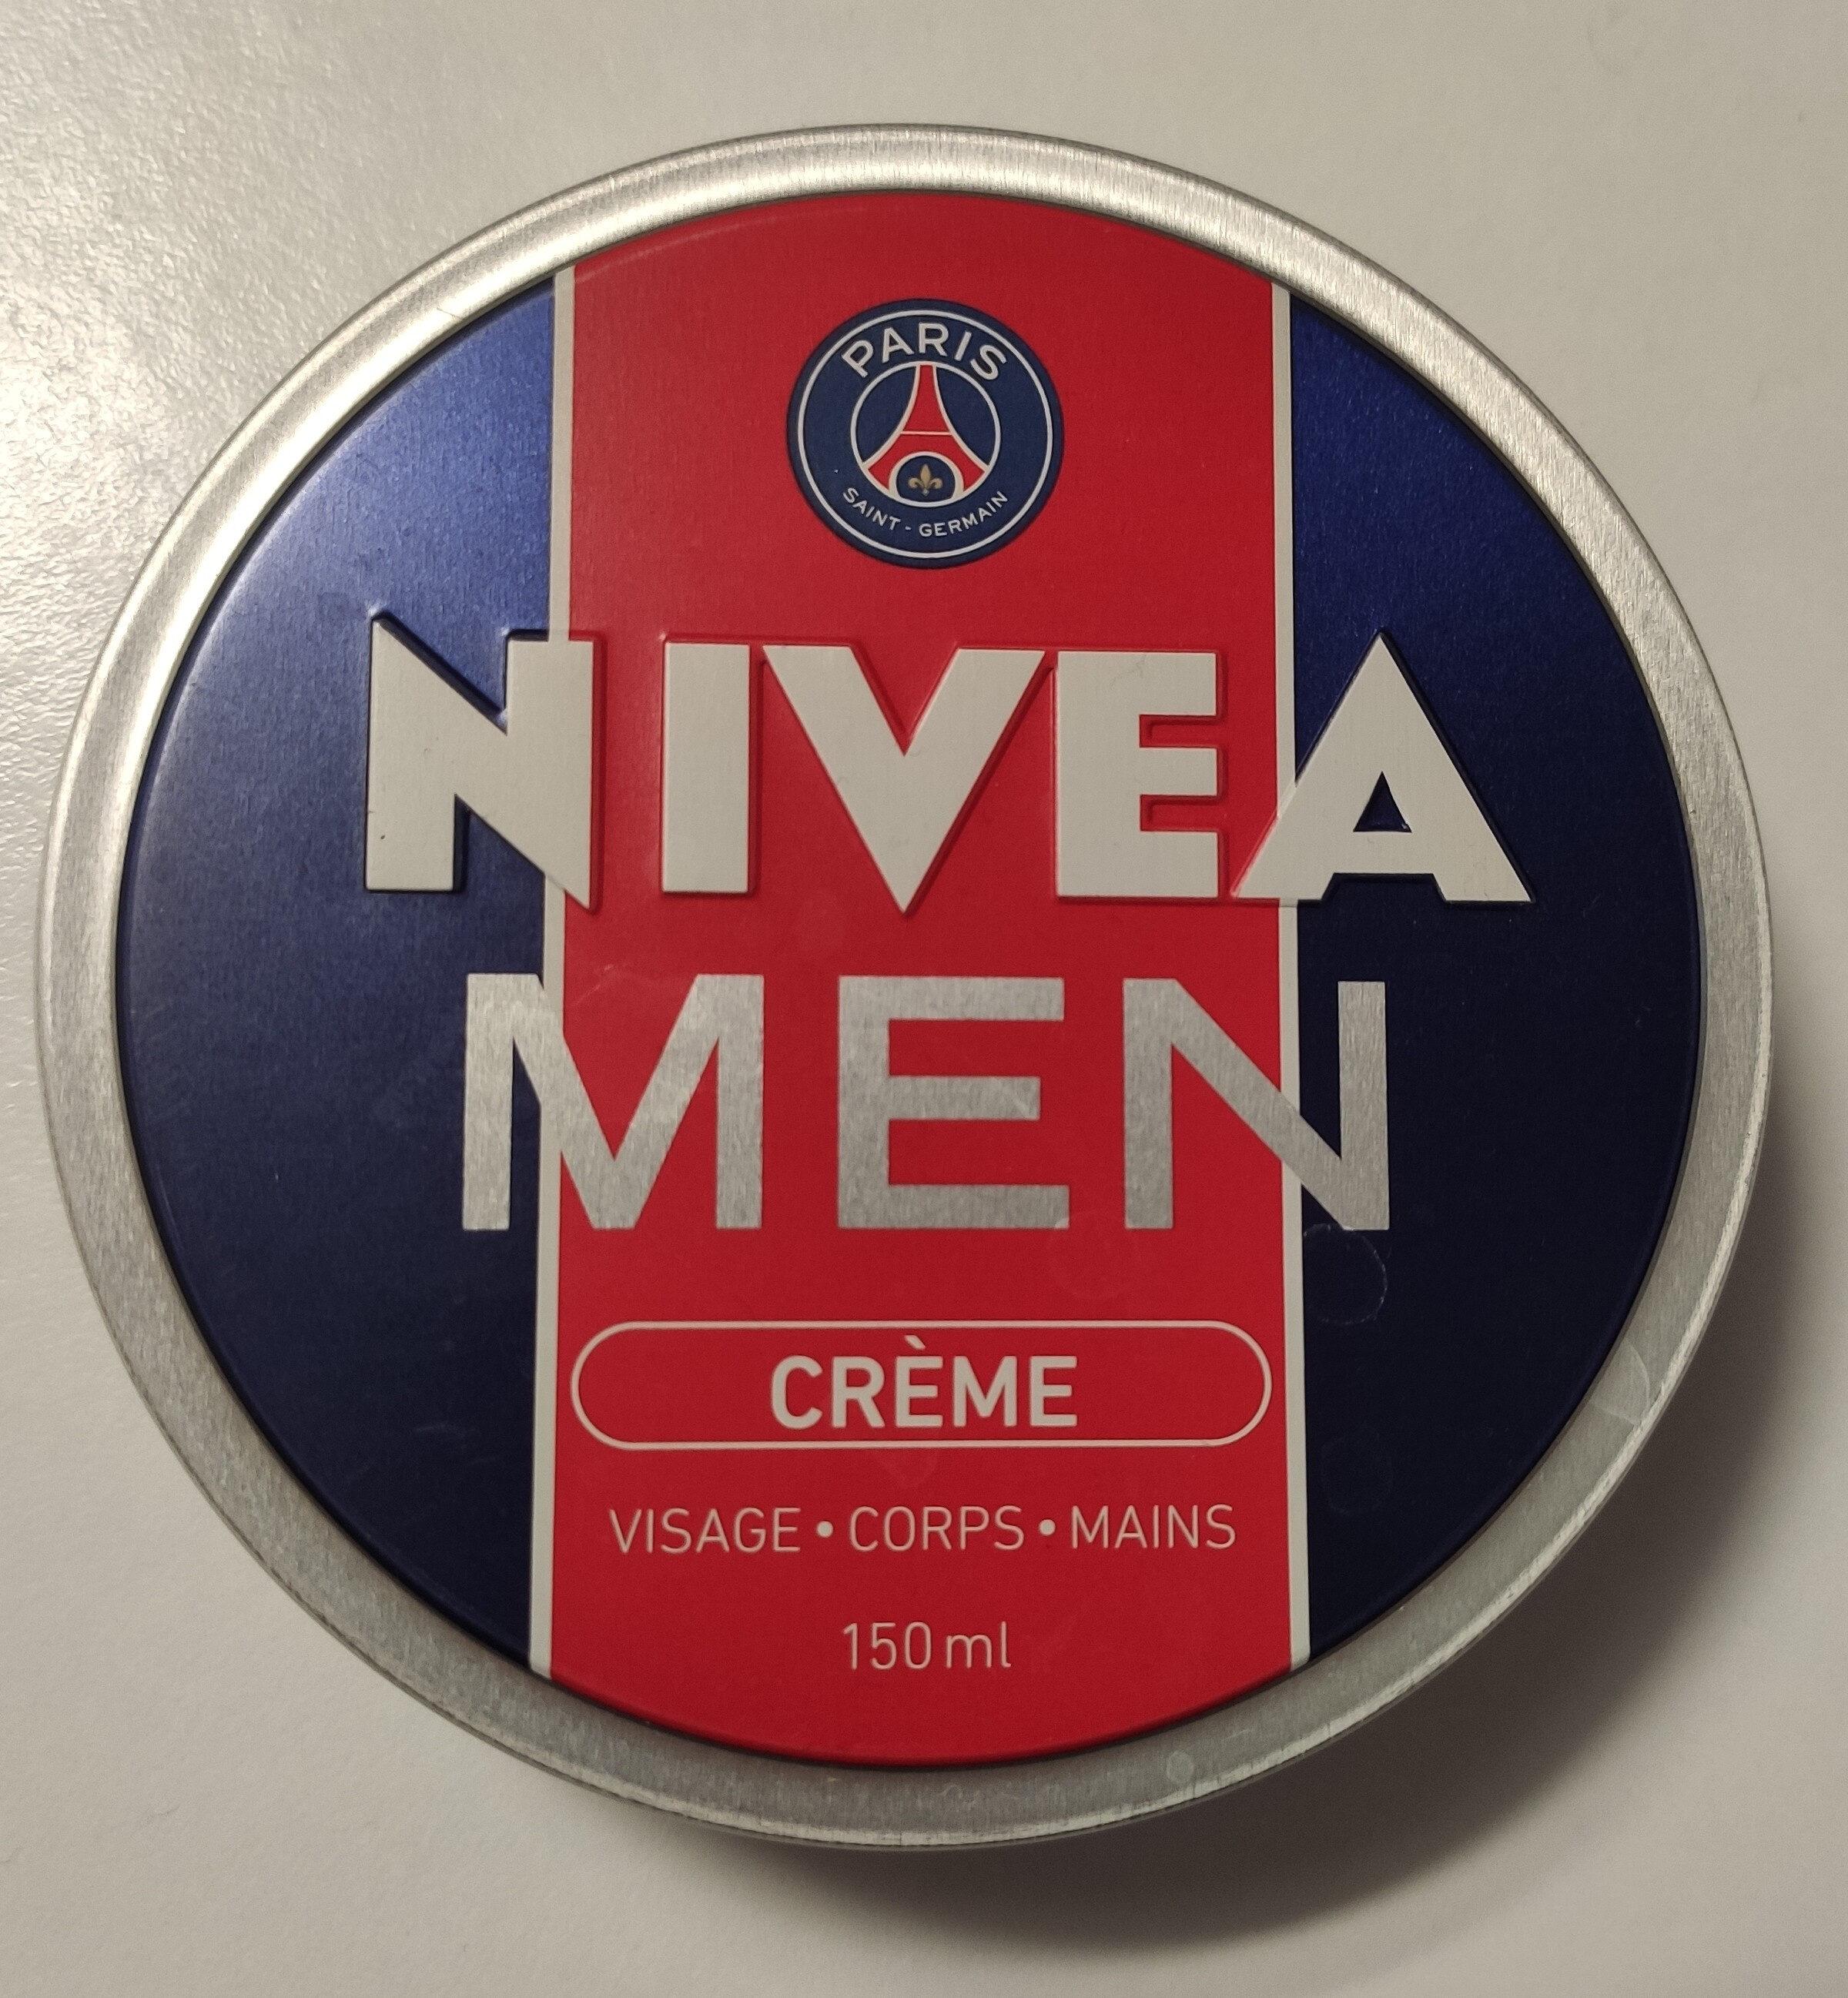 Nivea men crème visage corps mains - Product - fr